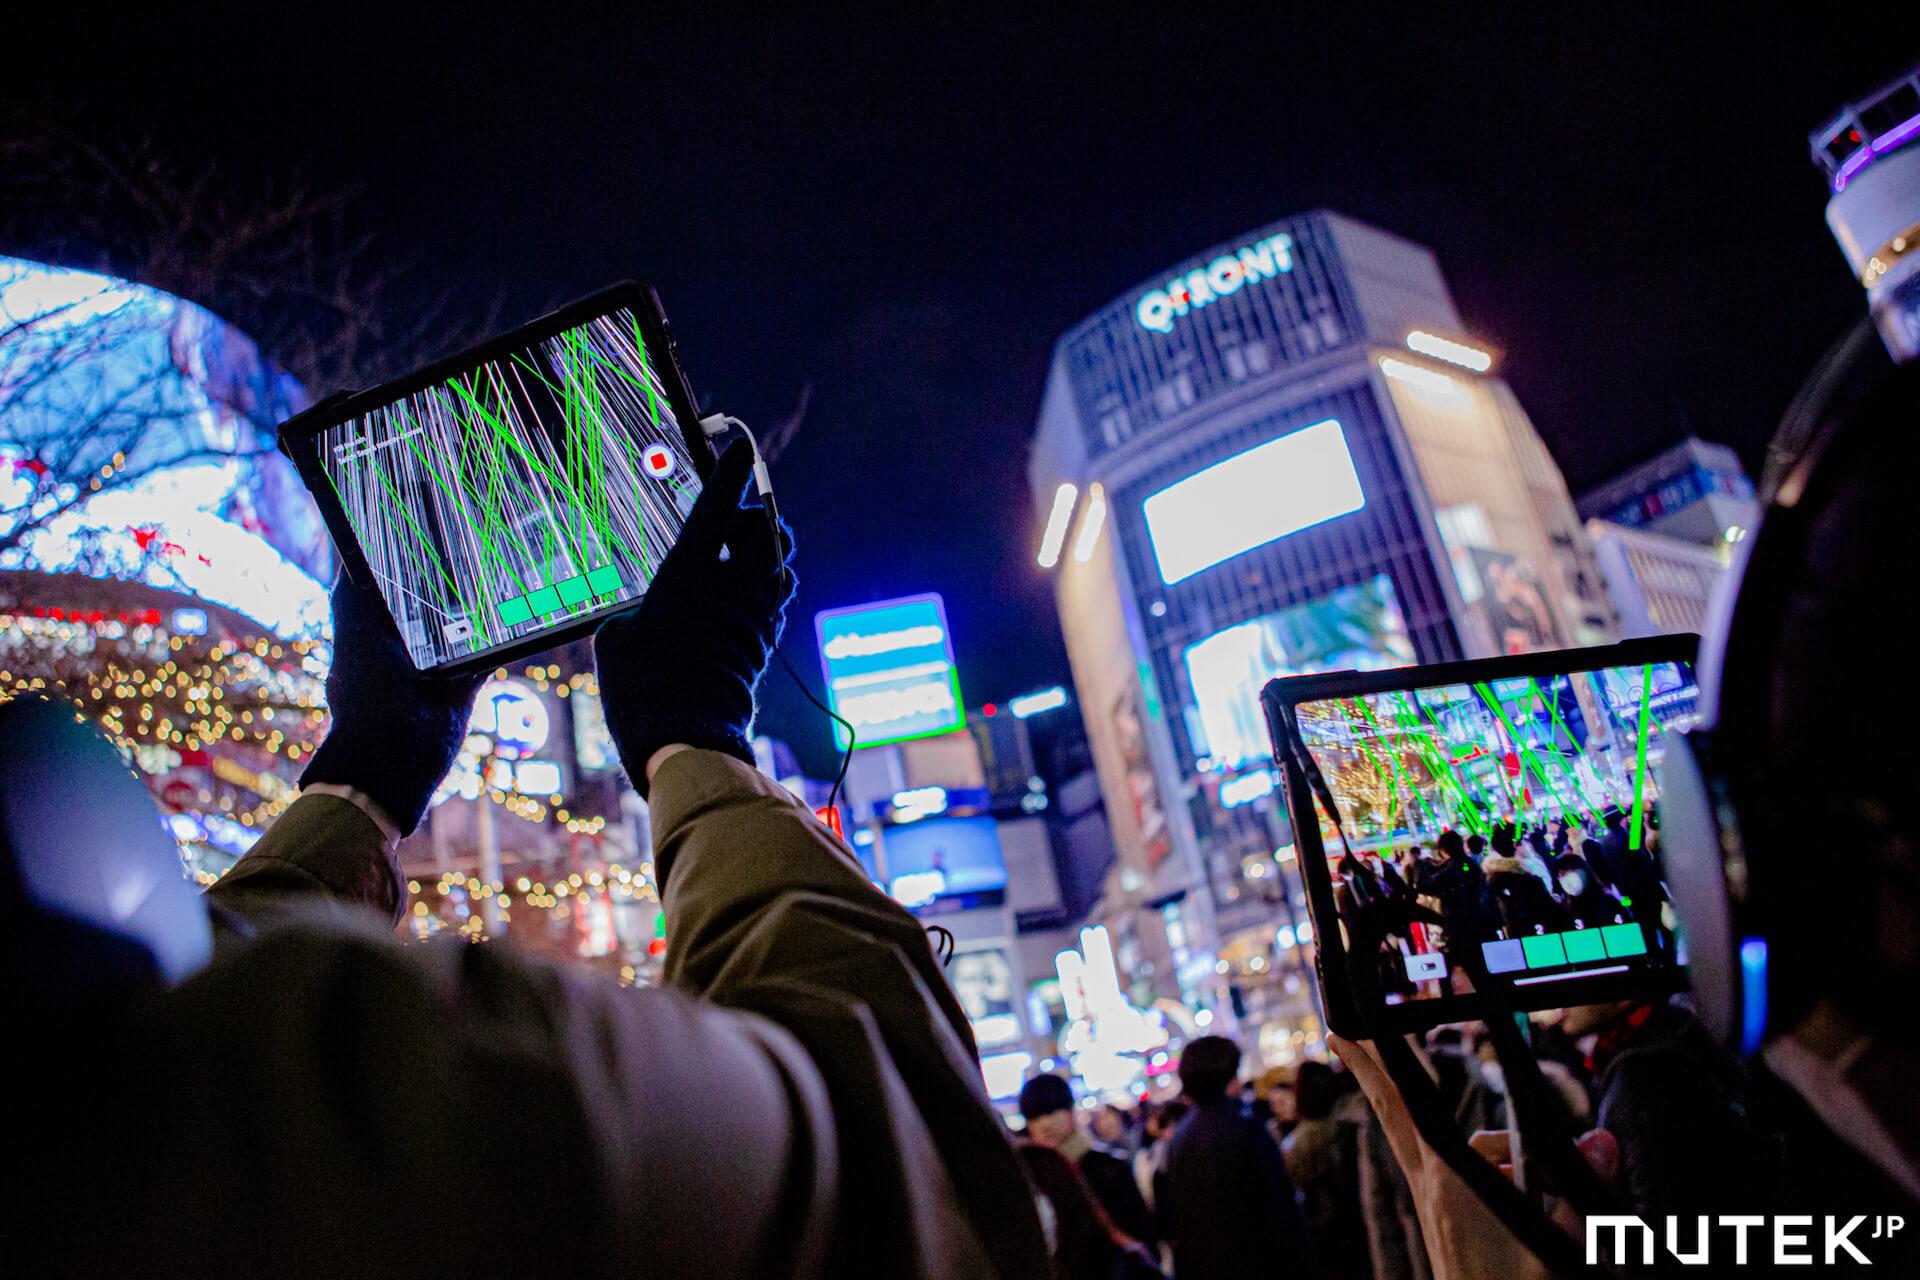 フォトレポート|Kode 9 & Koji Morimotoらが登場した電子音楽&デジタルアートの祭典「MUTEK.JP 2019」 music191219-mutek2019-00